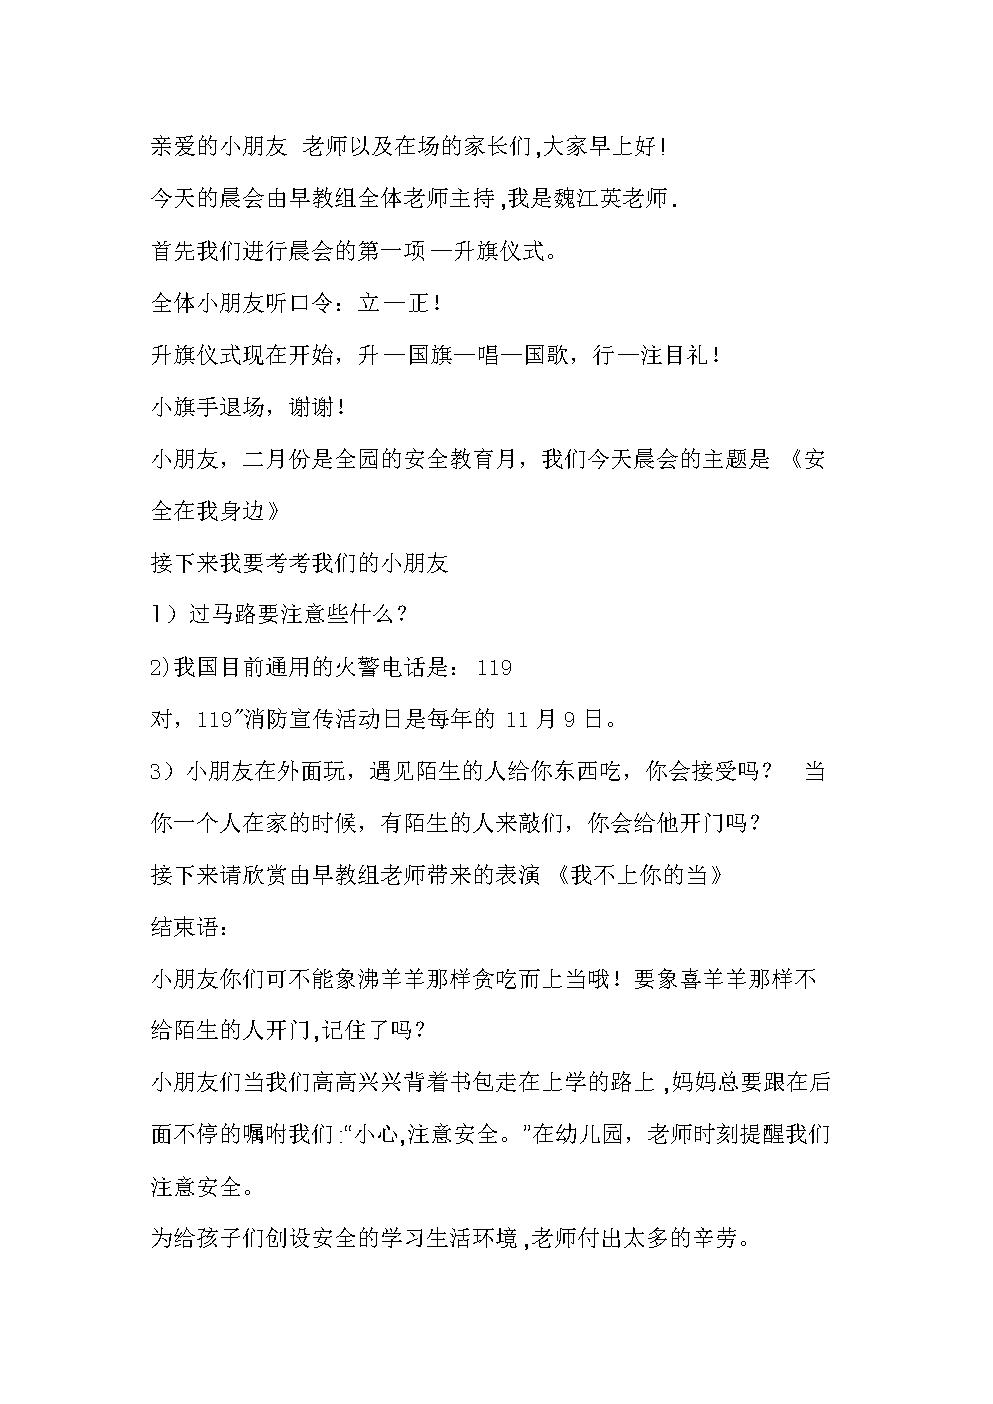 早教组安全在身边晨会主持稿.doc